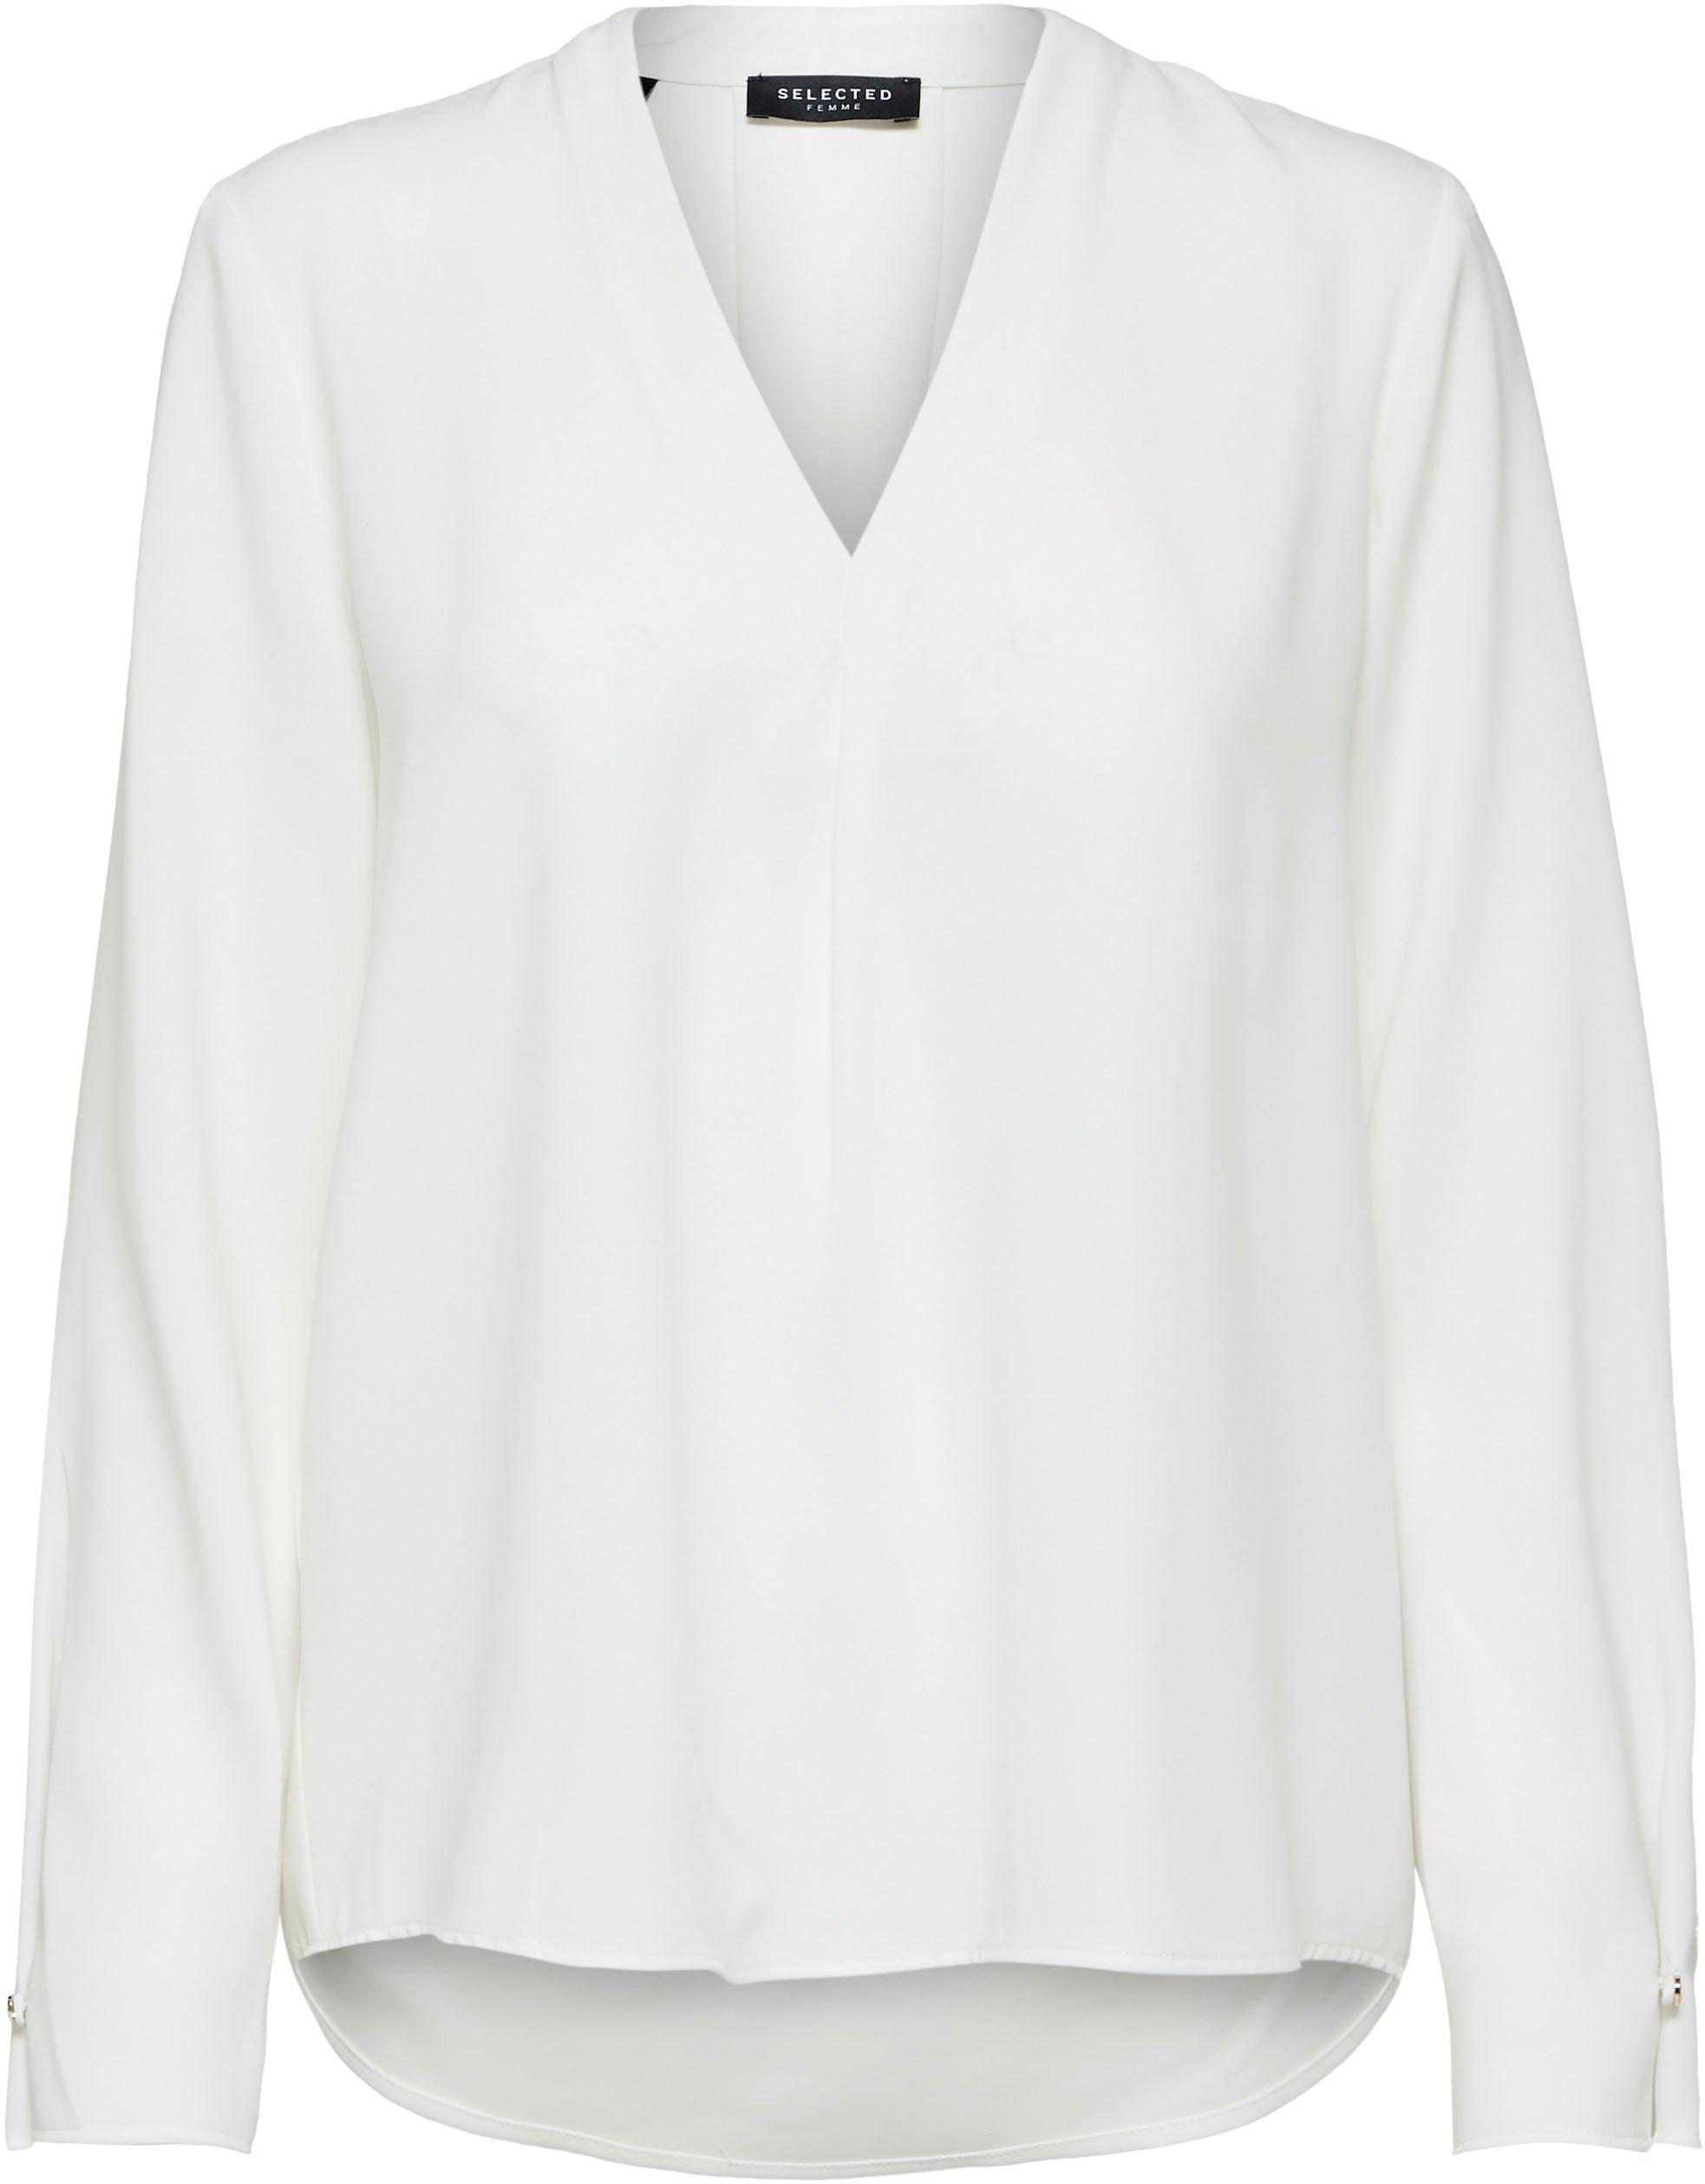 SELECTED FEMME blouse zonder sluiting SLFLUNA met v-hals voordelig en veilig online kopen